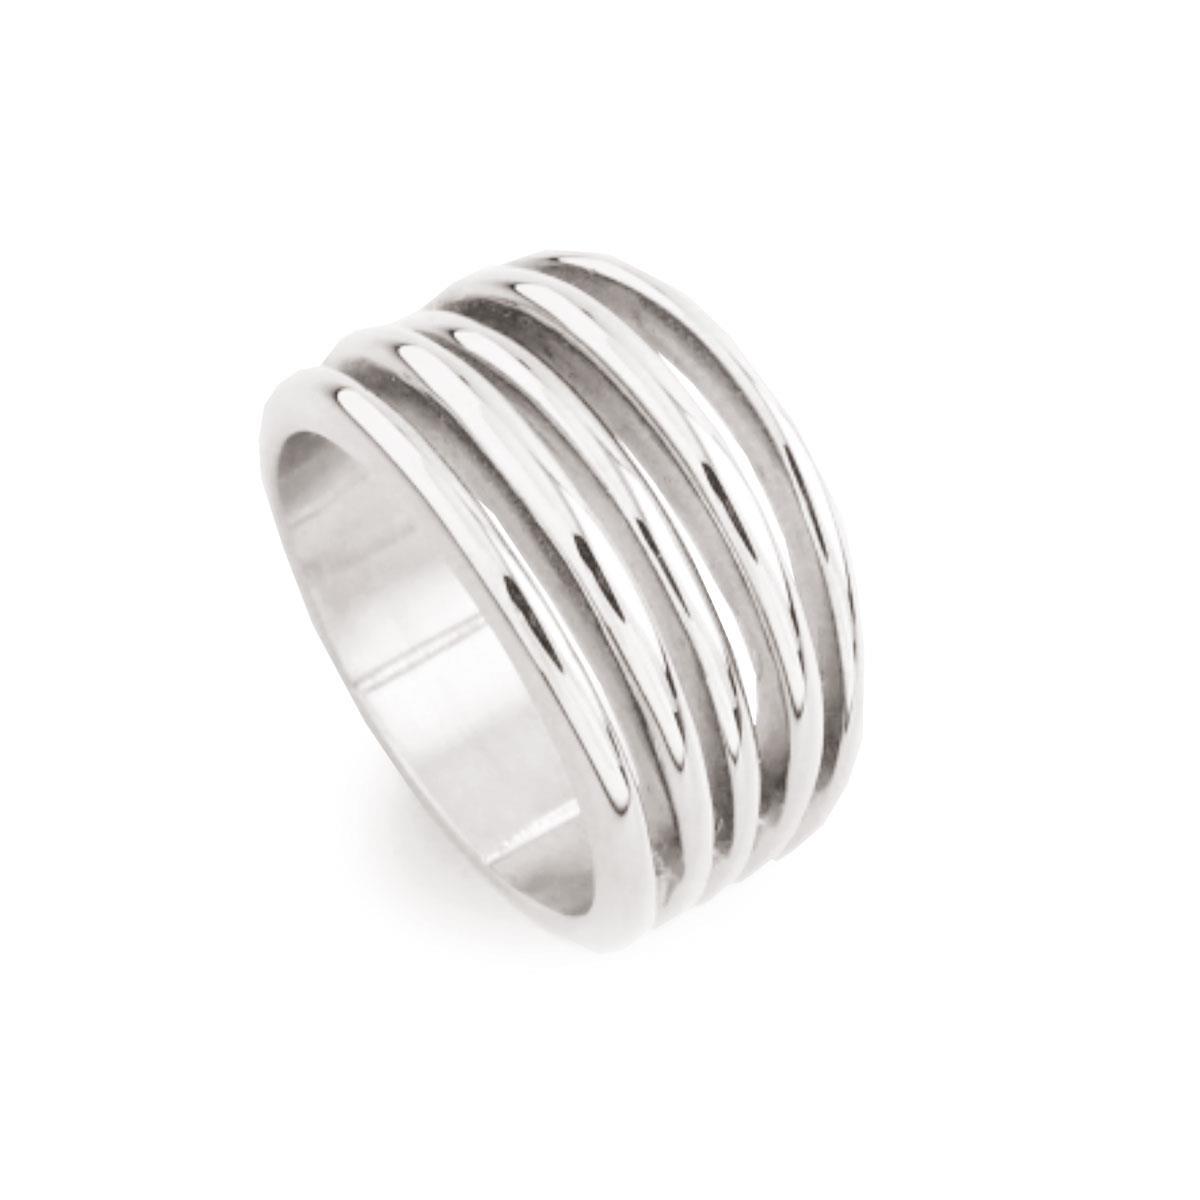 Кольцо из стали(4046-0041)Бижутерия из стали от Arts&amp;Crafts<br>Arts&amp;Crafts, Норвегия<br><br>Авторский дизайн, ручная работа, ограниченный выпуск.<br>